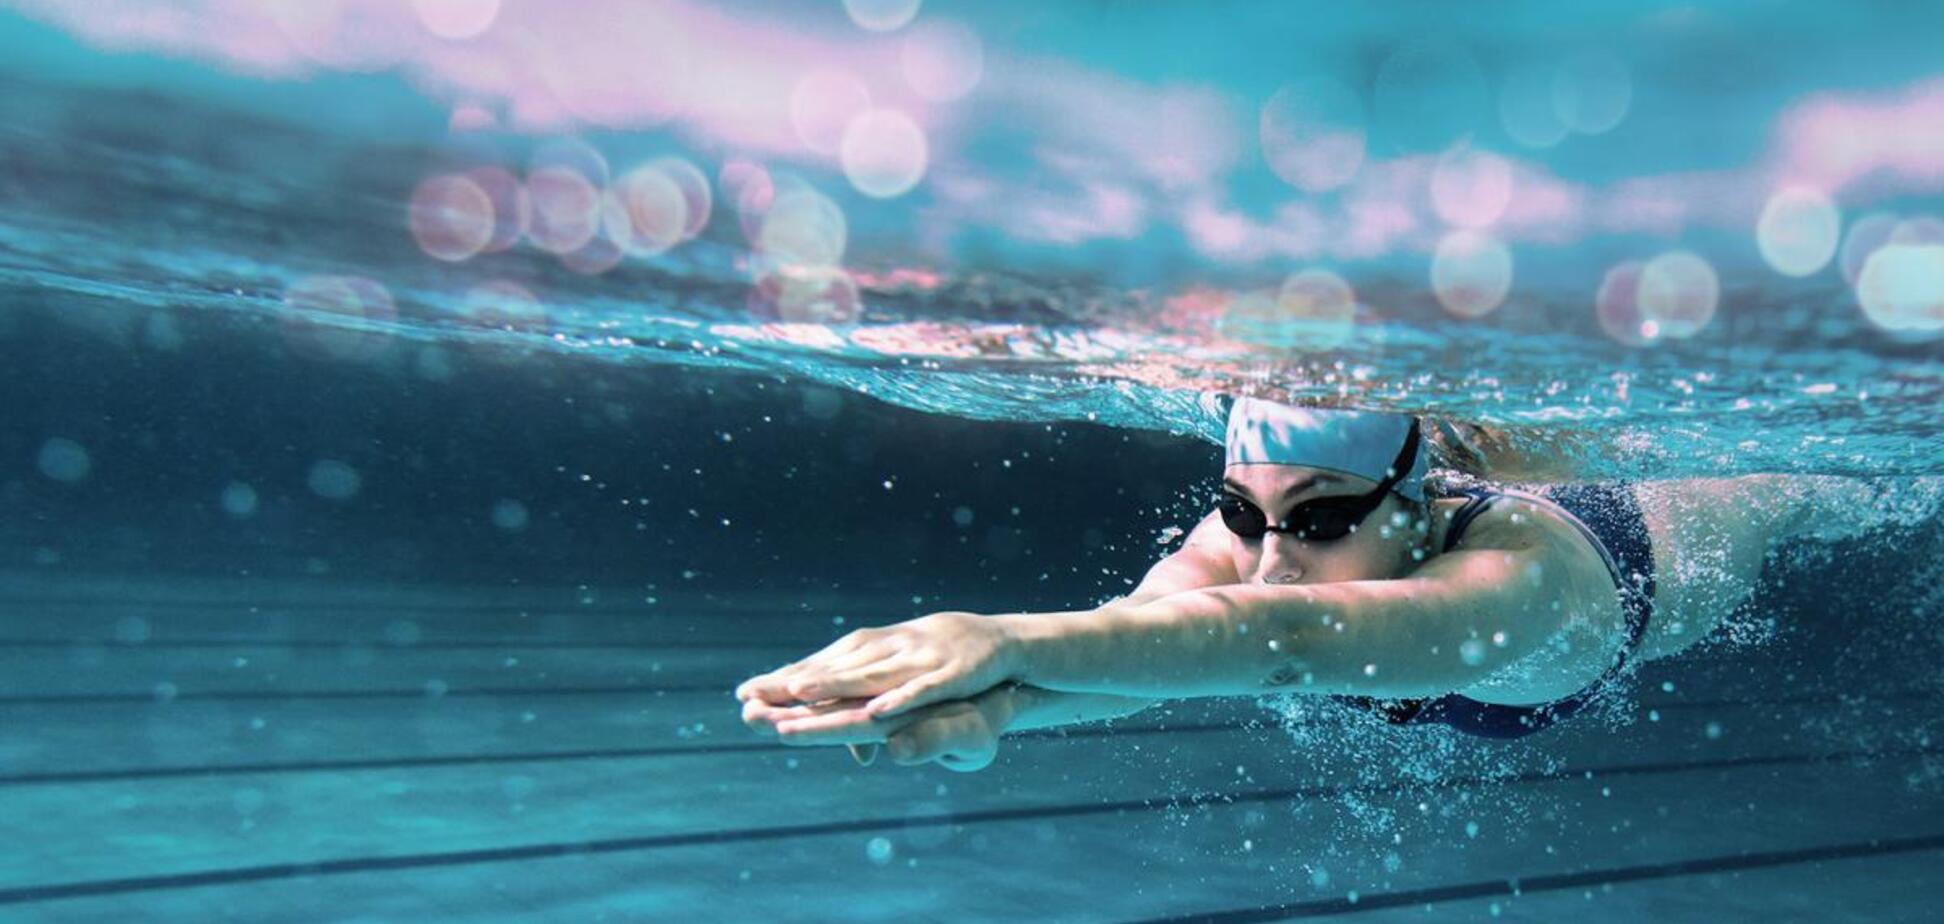 Шотландська федерація плавання потрапила в неприємну ситуацію через хакерів